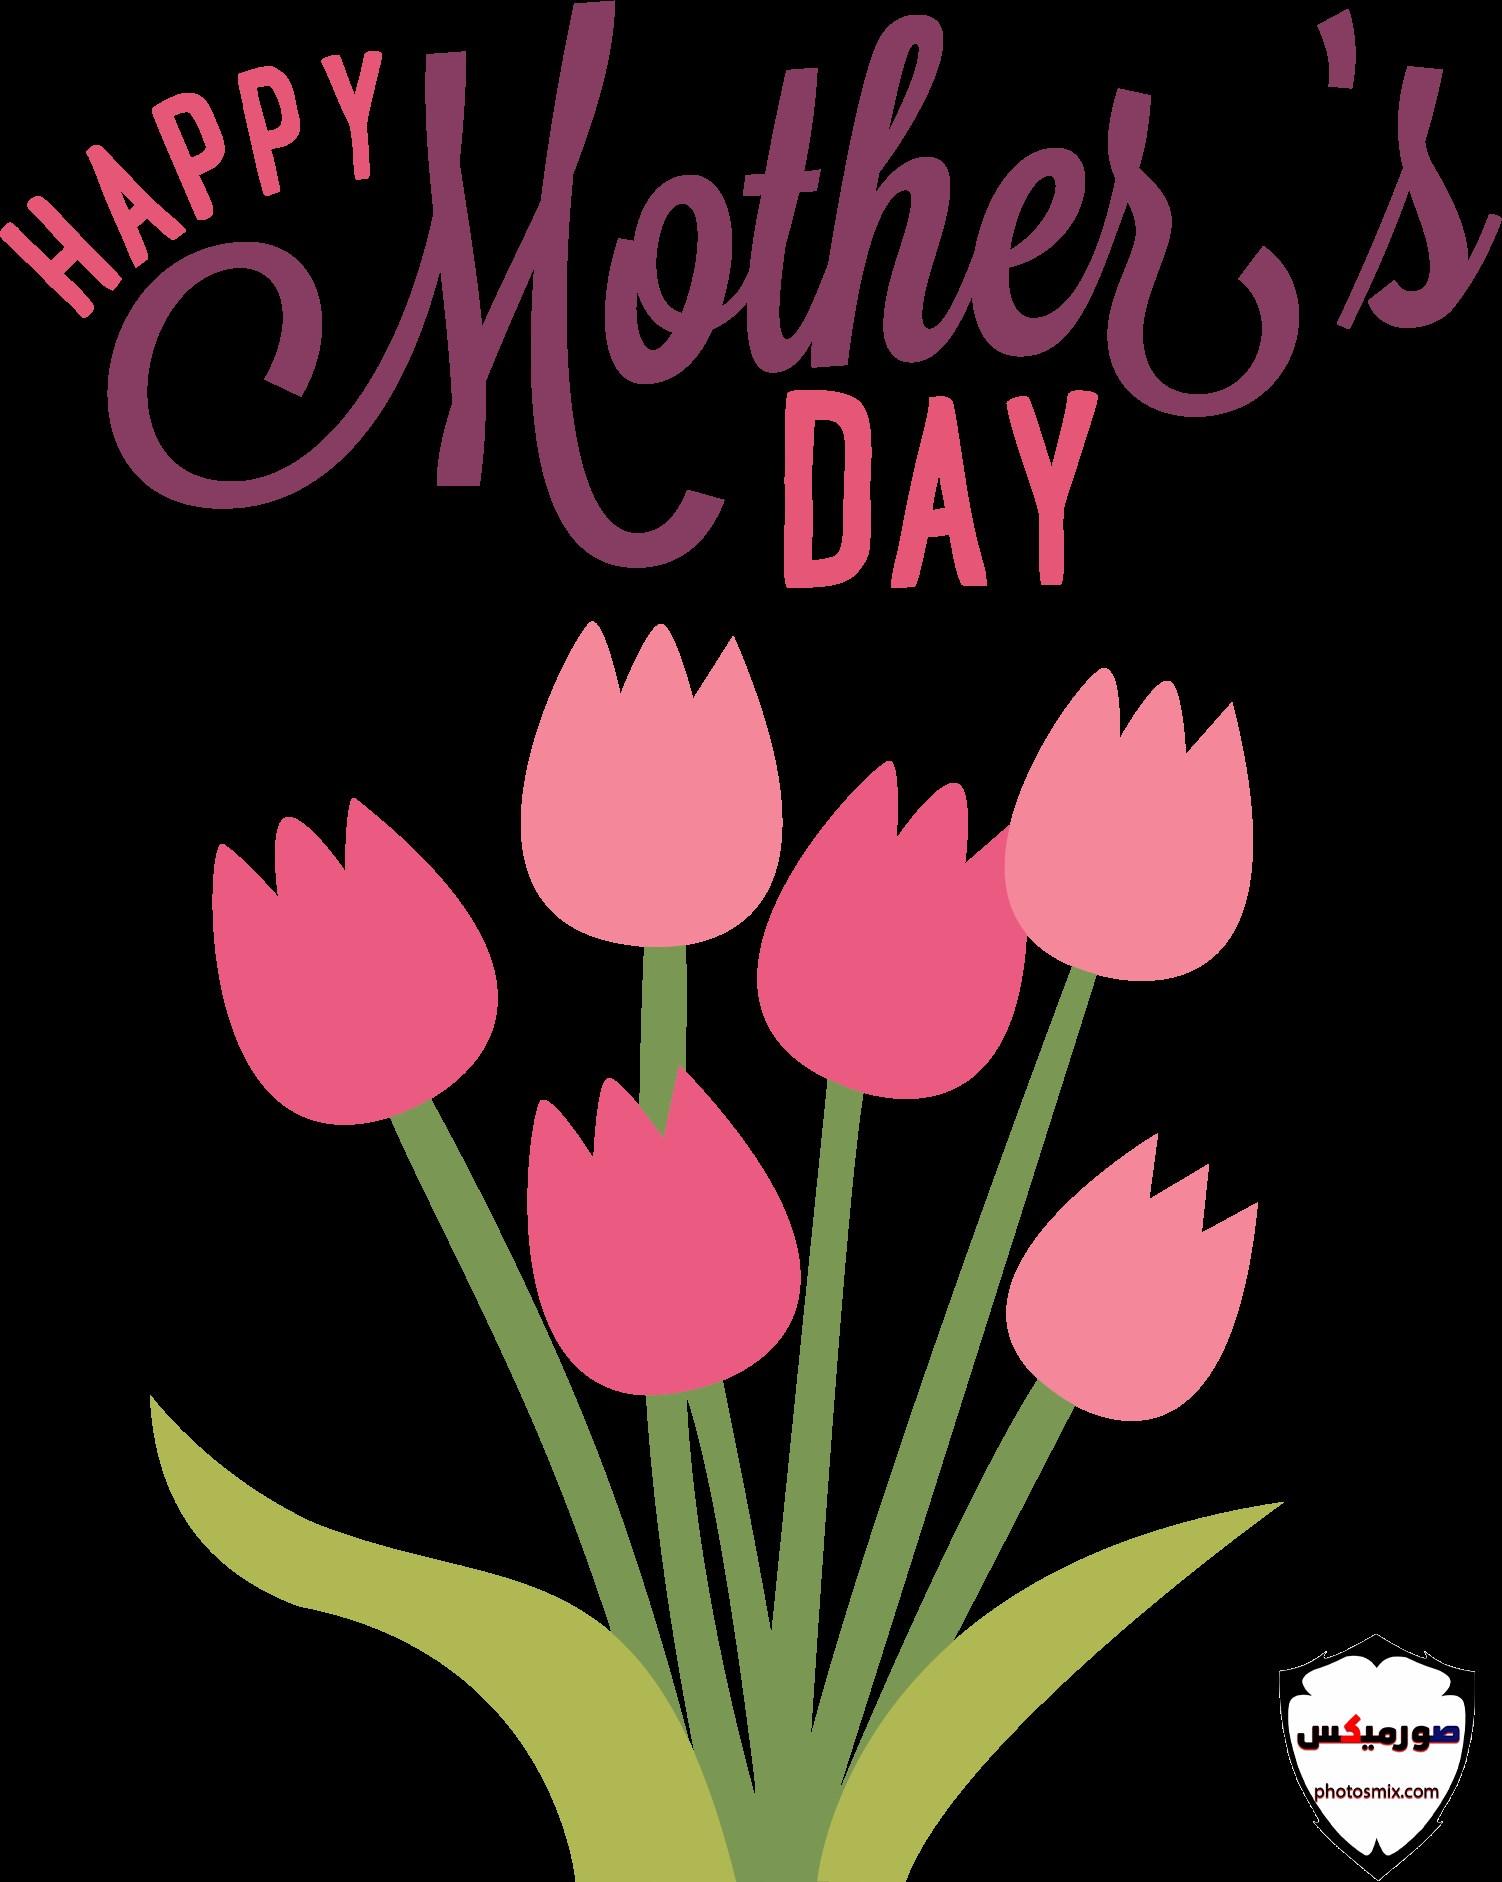 صور عيد الام 2018 رمزيات وخلفيات تهنئة Mothers Day 11